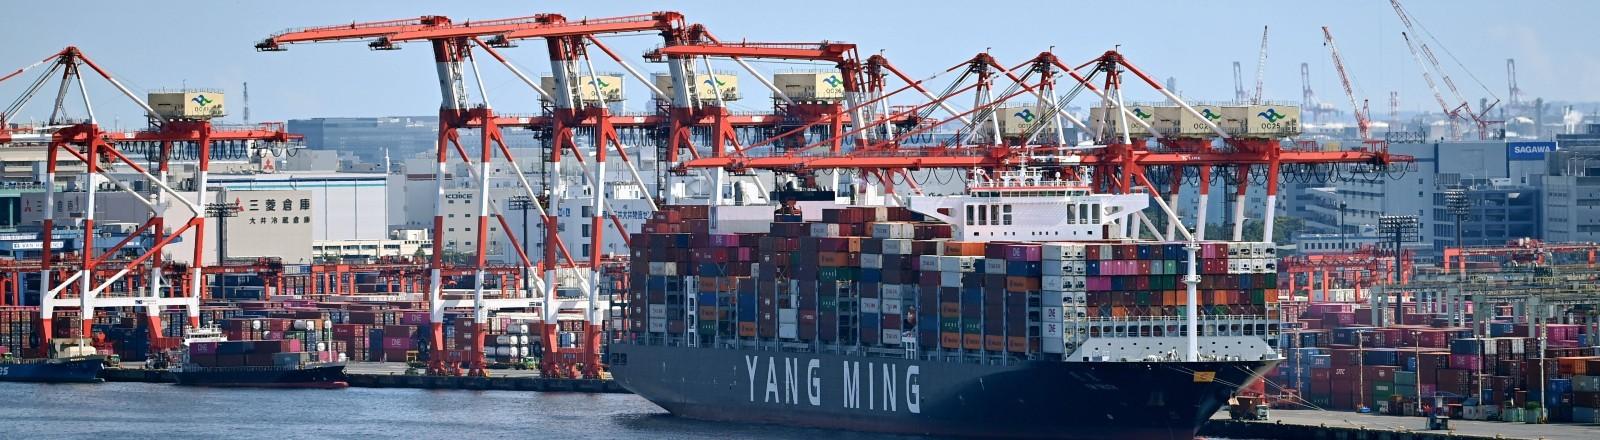 Ein Containerschiff an einem Hafen